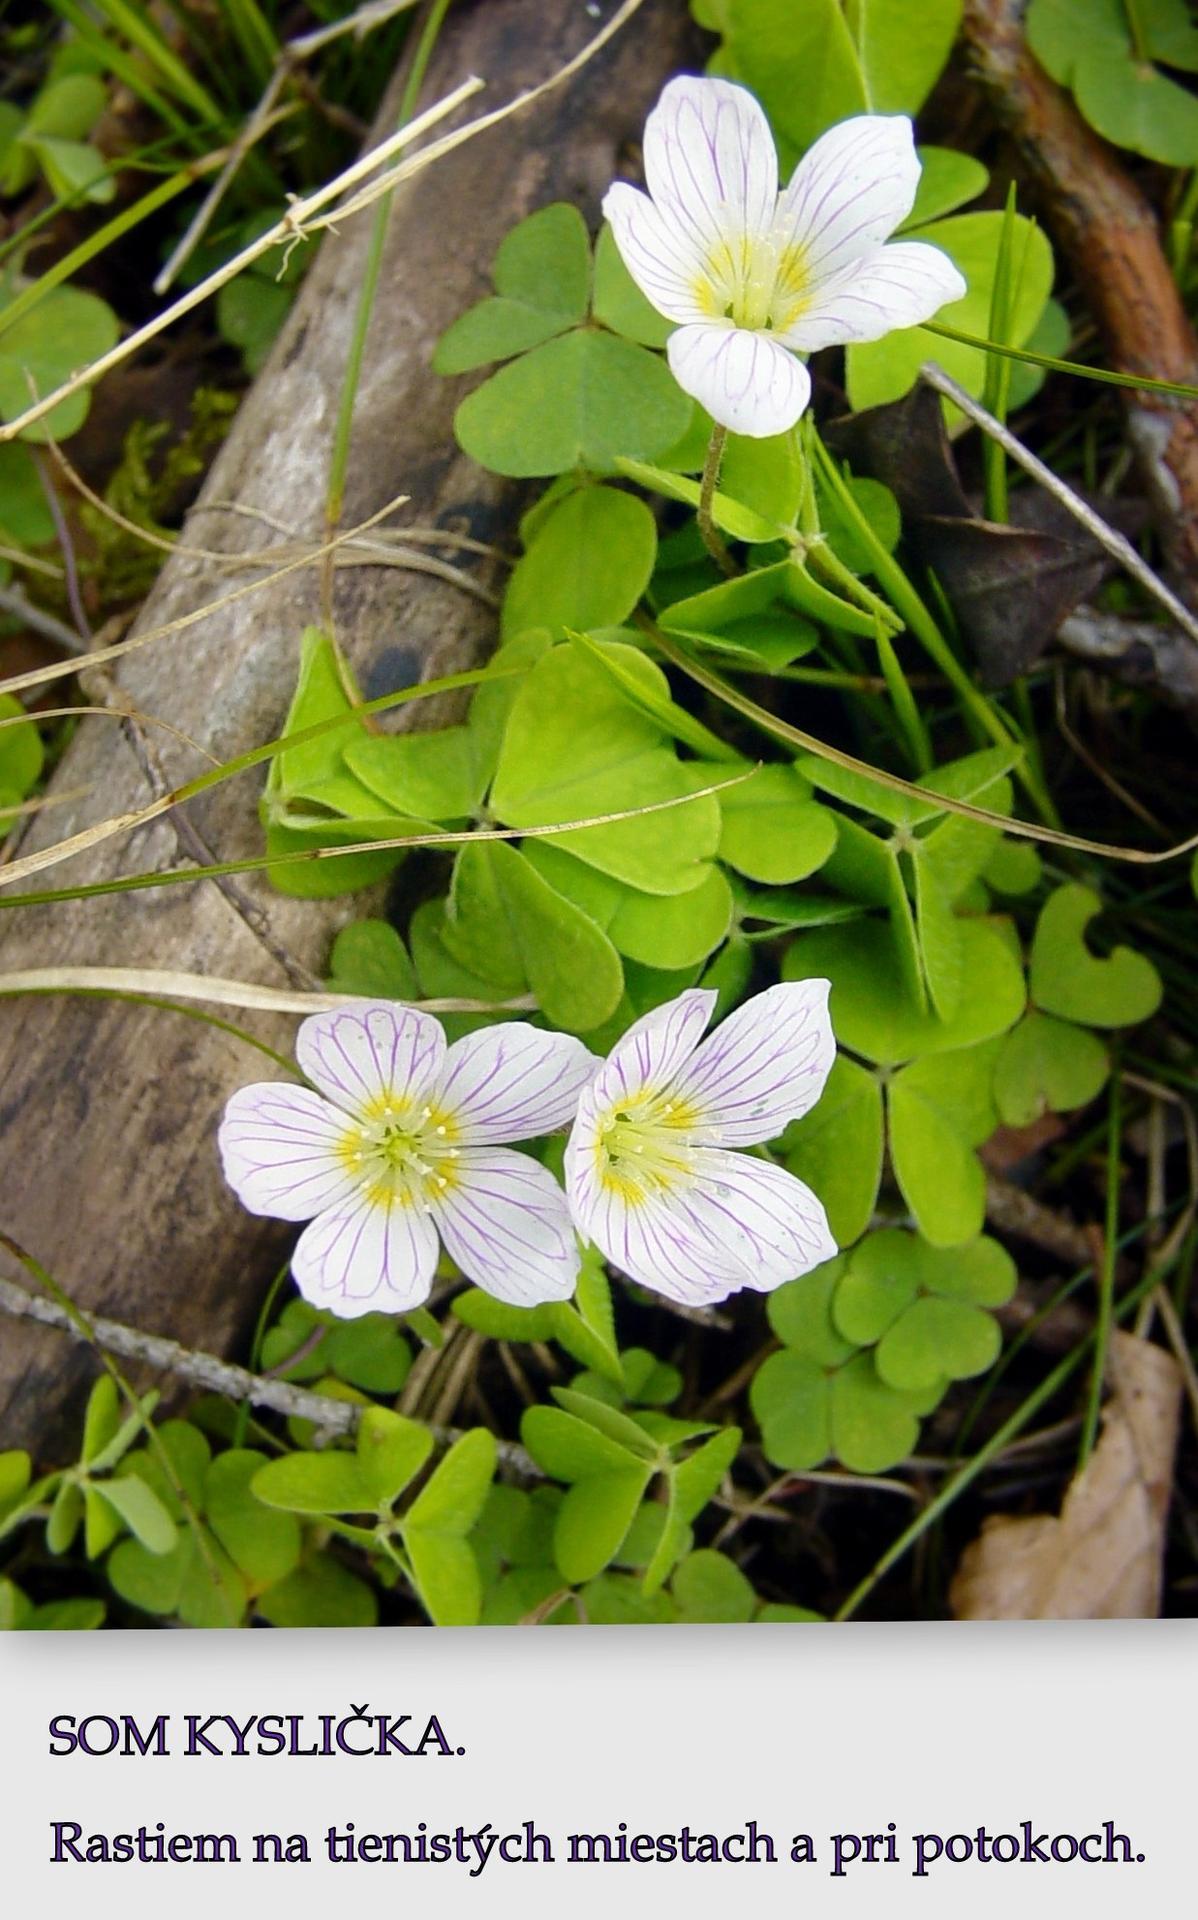 Vytvorila som pexeso z divorastúcich rastlín, touto cestou hľadám vydavateľa. Vopred ďakujem. Pexeso má náučný charakter a slúži ako pomôcka na určovanie a zapamätanie rastlín. - Obrázok č. 1